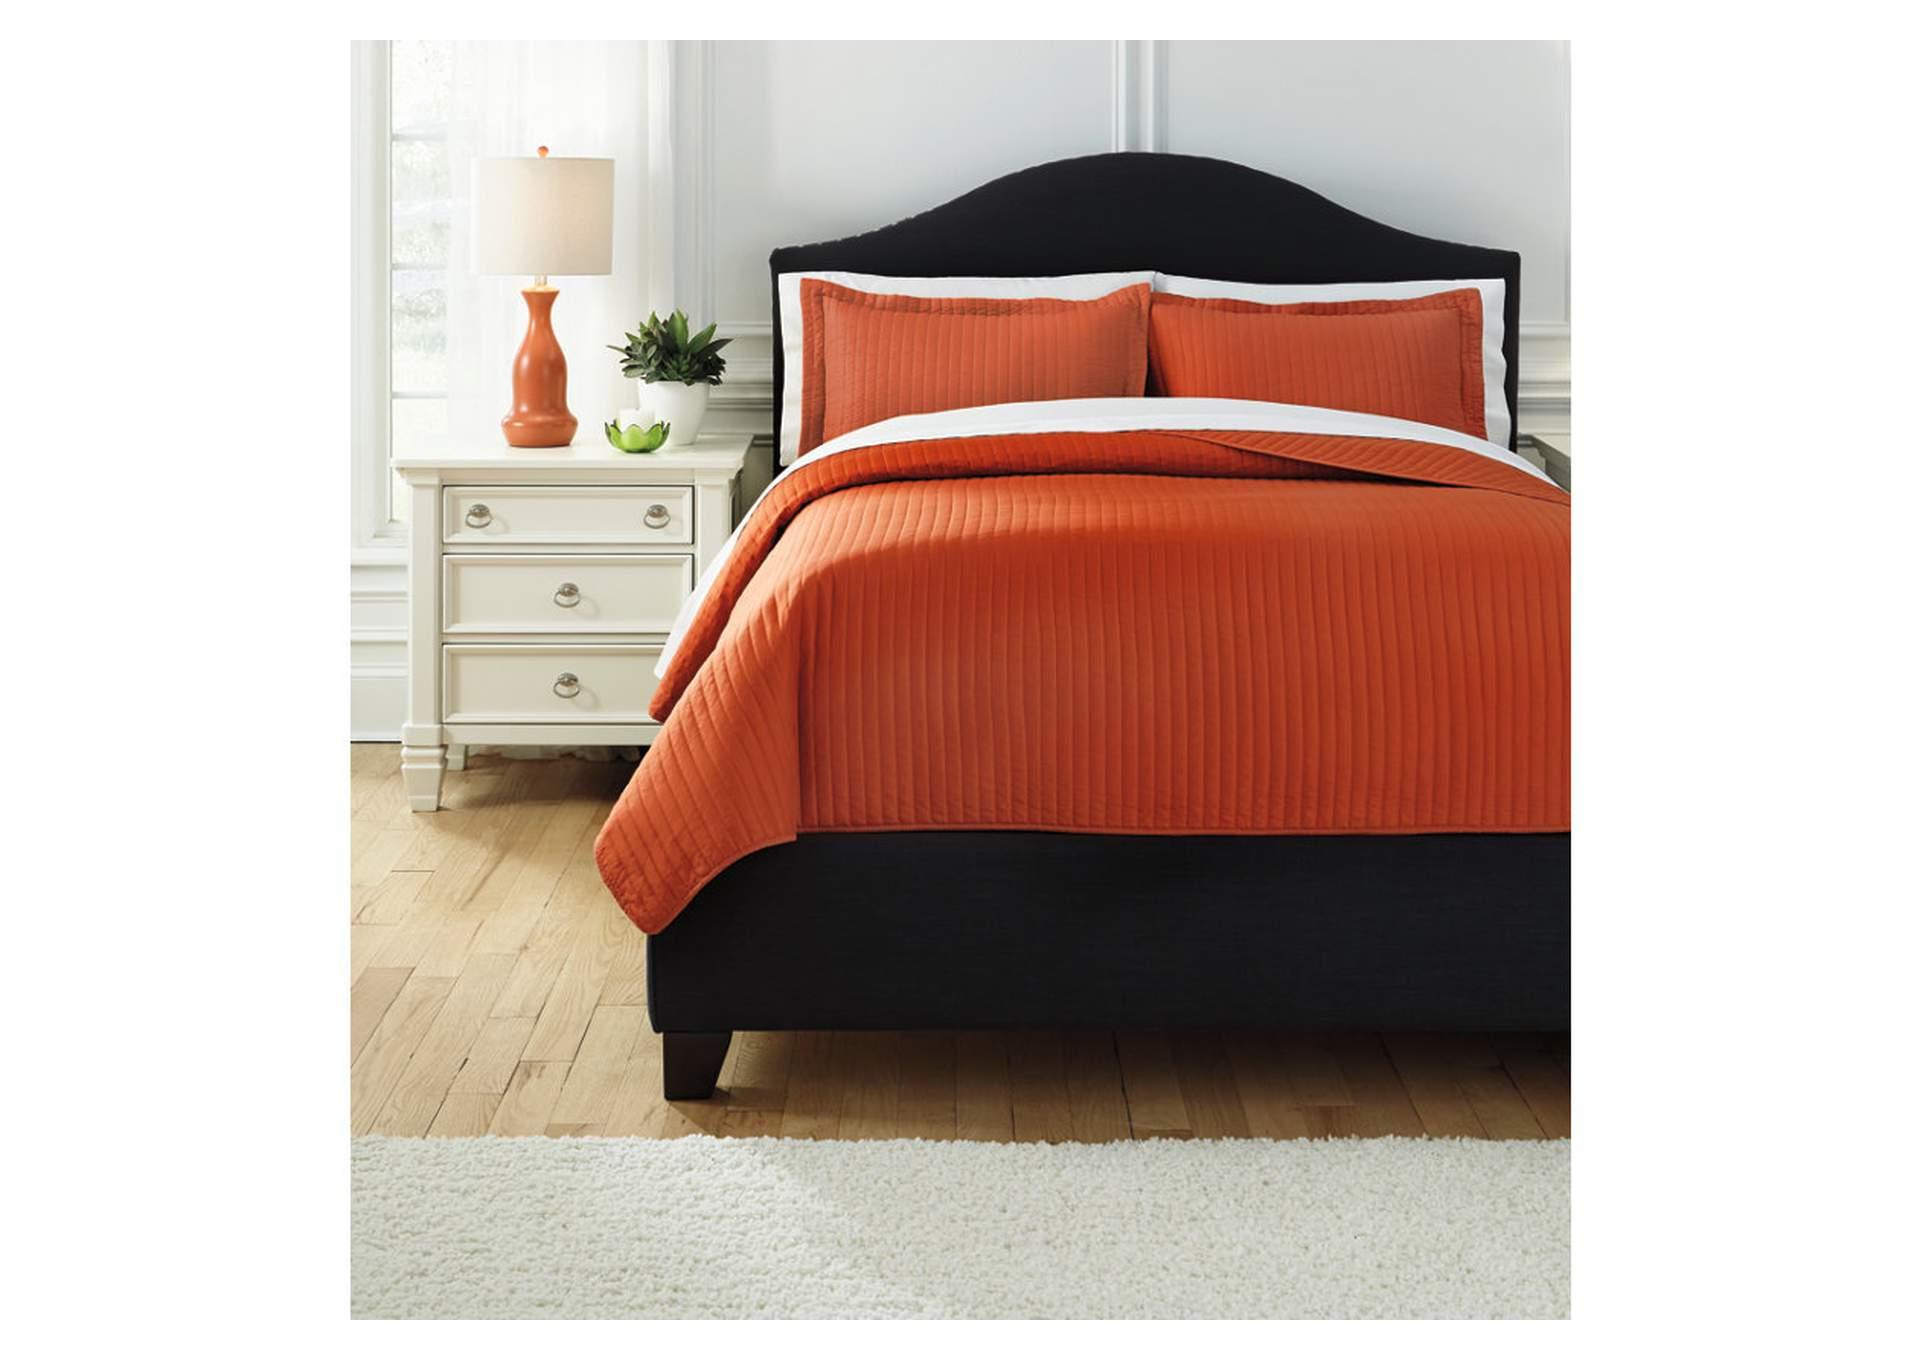 Juego de cubrecama Raleda color naranja para cama tamaño queen size